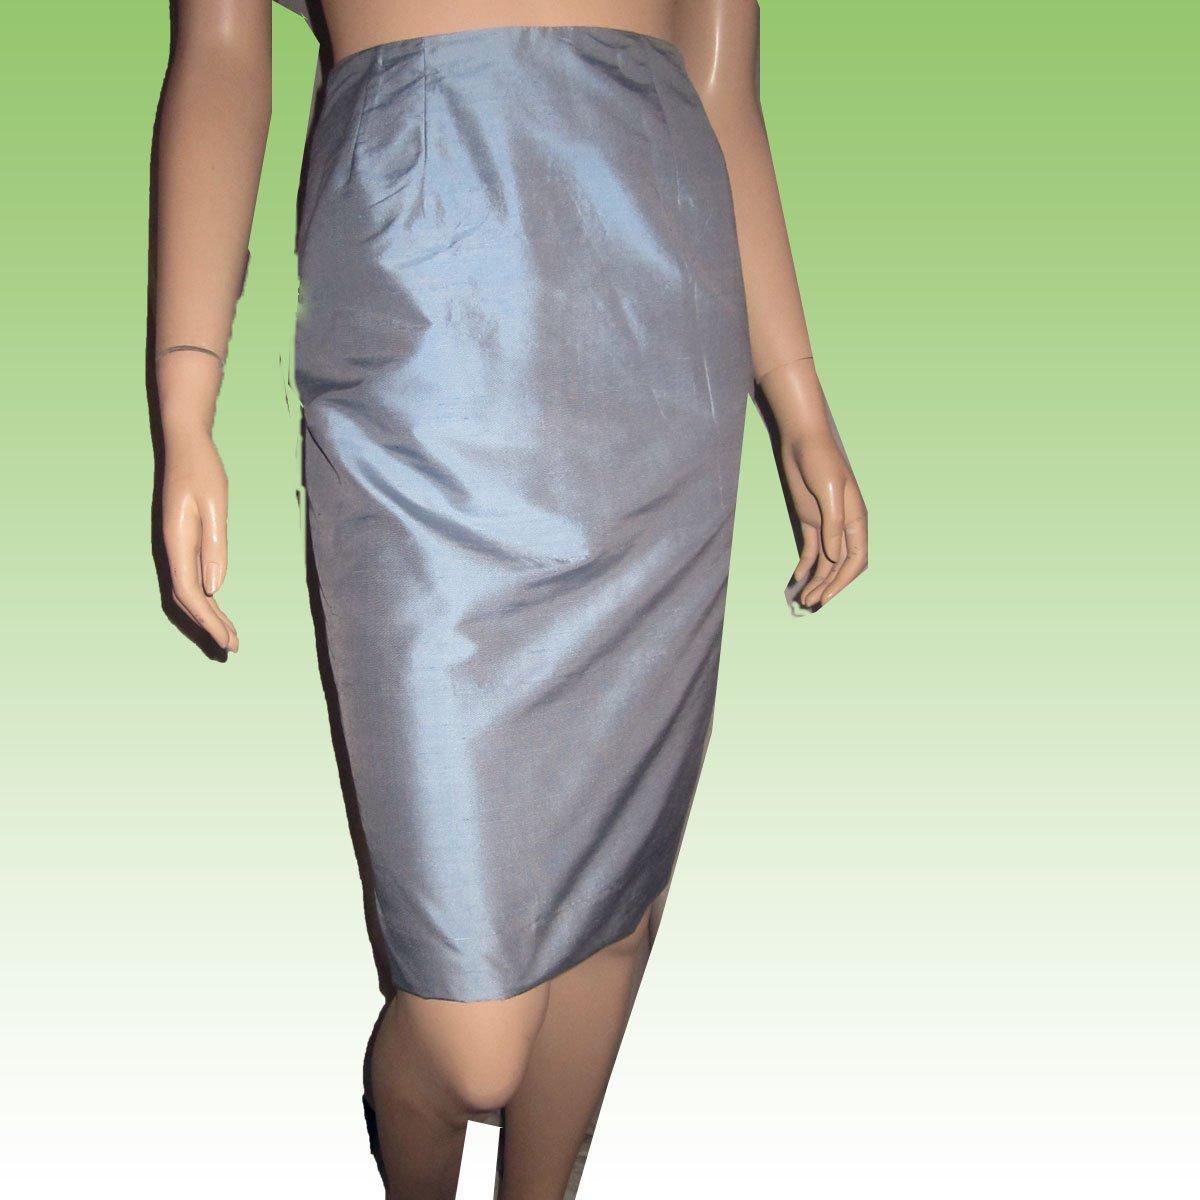 CATHY SCOGGIN Thai Silk Skirt in Baby Blue - sz 6 - $19.99 - MSRP $145